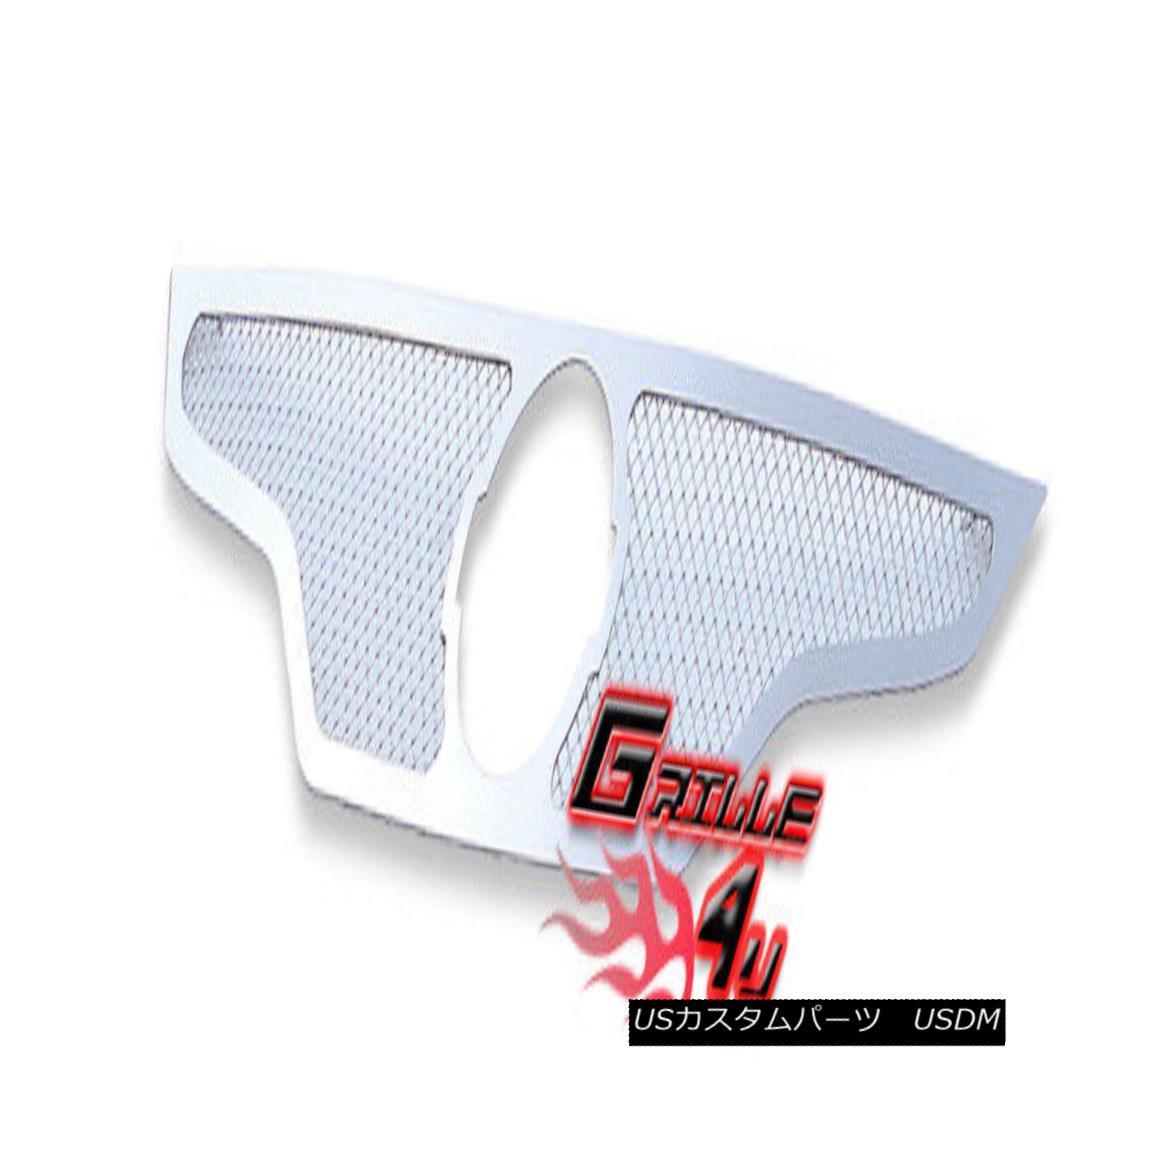 グリル For 2010-2012 Nissan Altima Coupe Stainless Steel Mesh Premium Grille Grill 日産アルティマクーペステンレススチールメッシュプレミアムグリルグリル